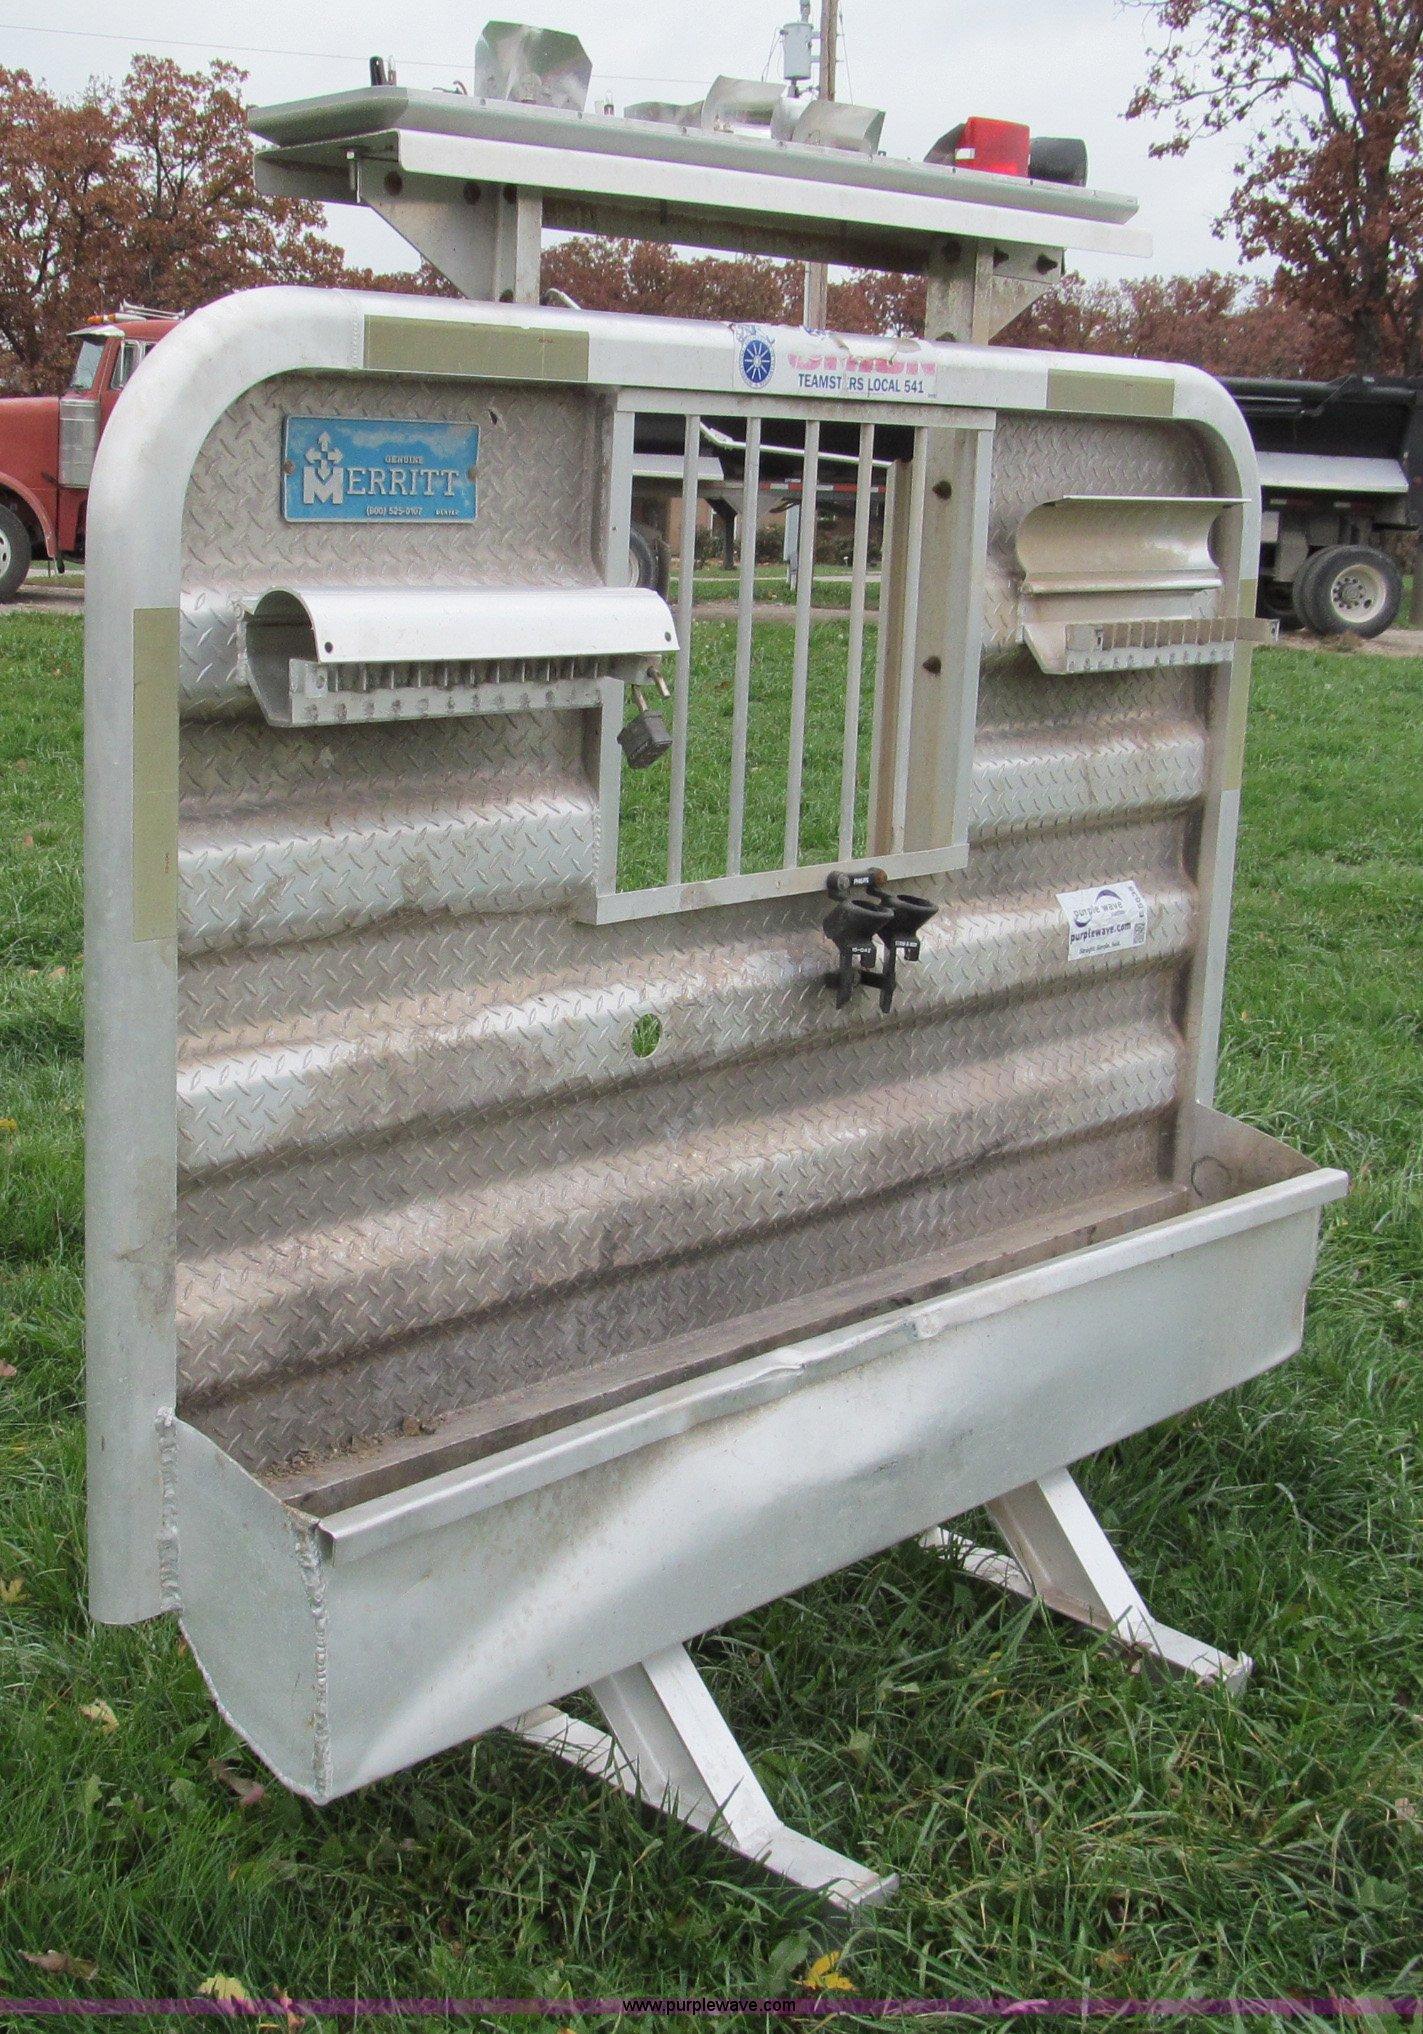 Merritt aluminum headache rack for semi truck